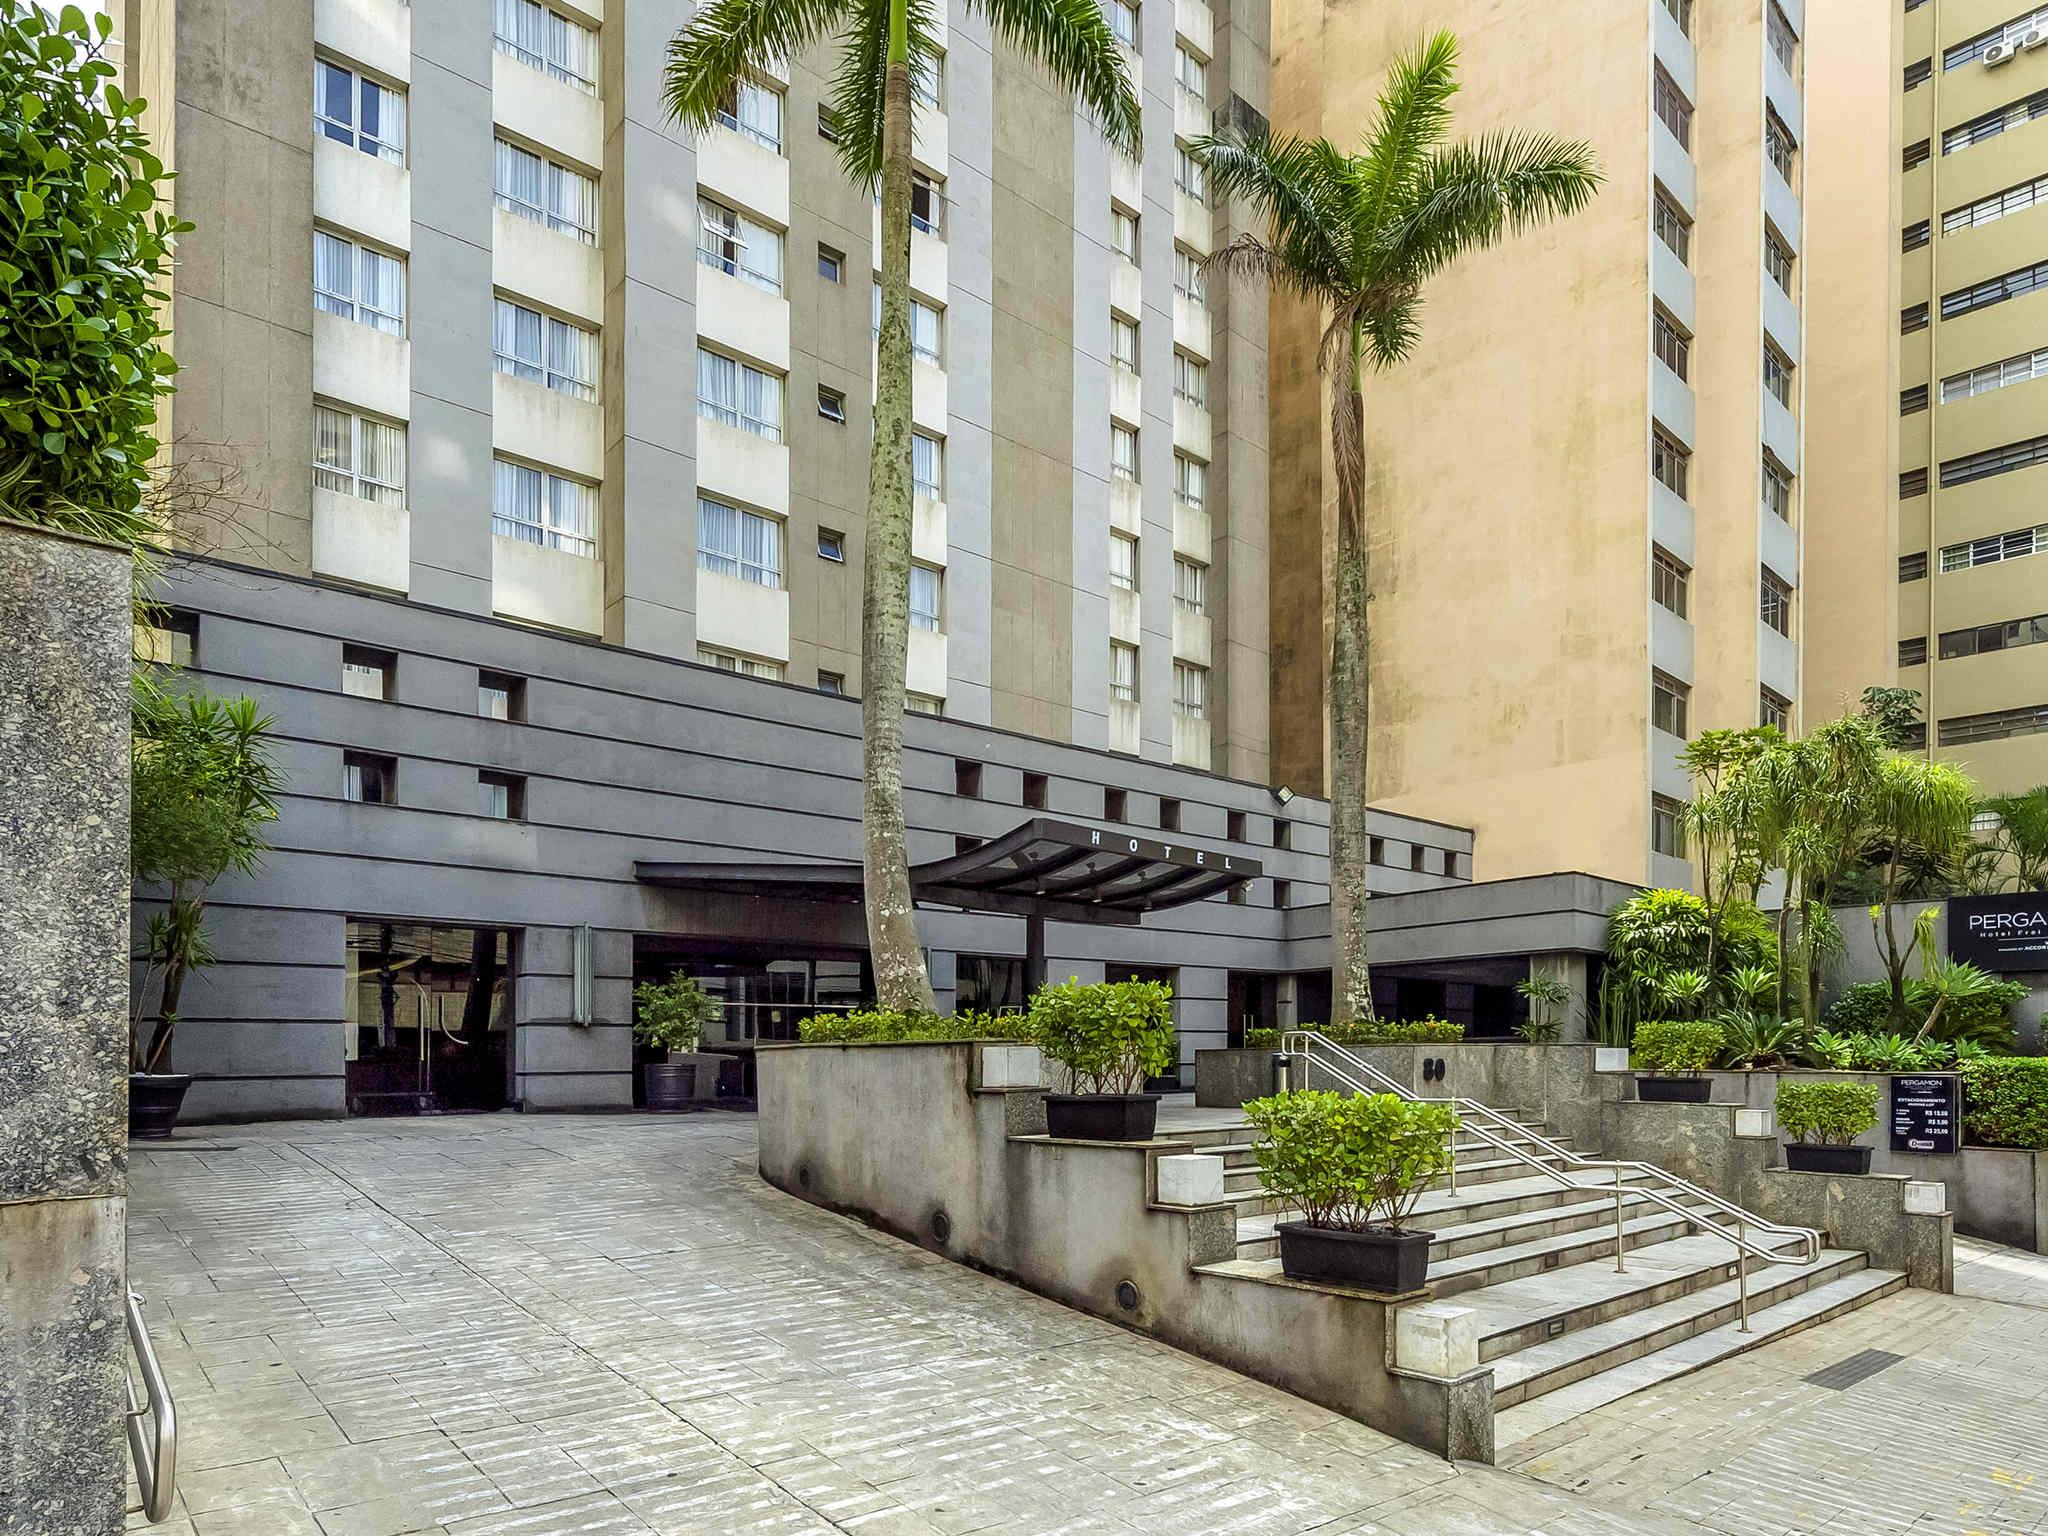 Hotel - Pergamon Hotel Frei Caneca - Managed by AccorHotels